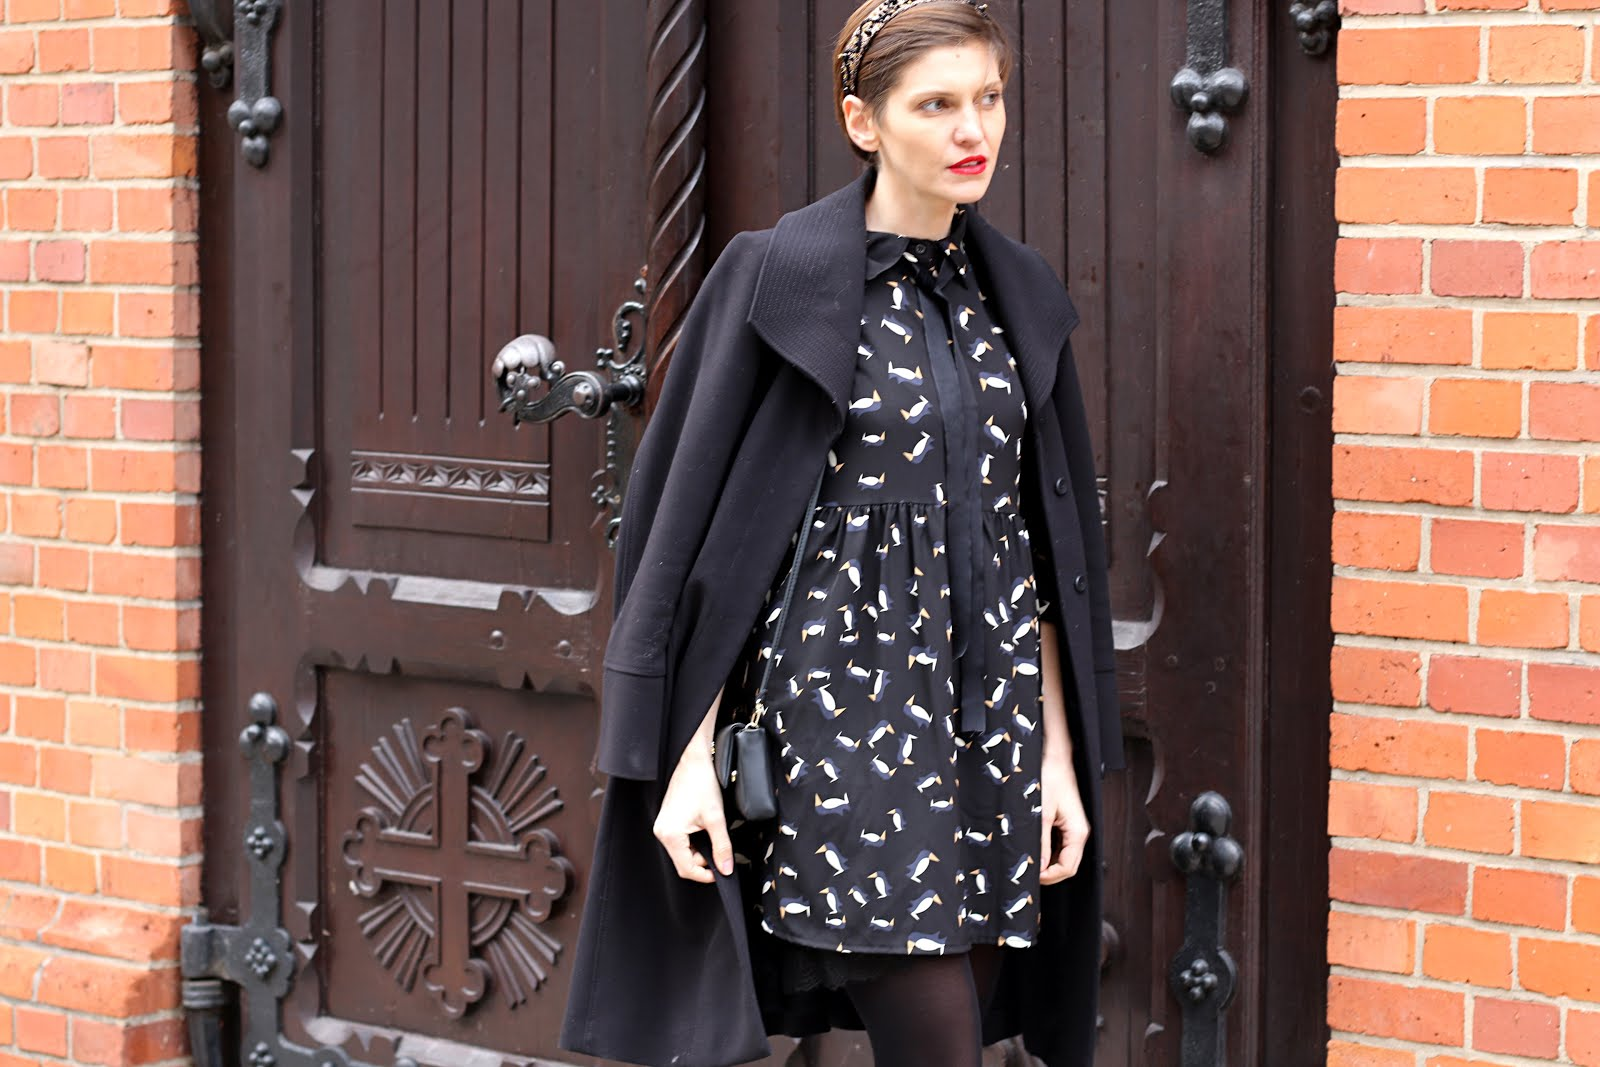 sukienka na swieta, swiateczna stylizacja, aksamitka, płąszcz, opaska, styistka, stylistka poznan,